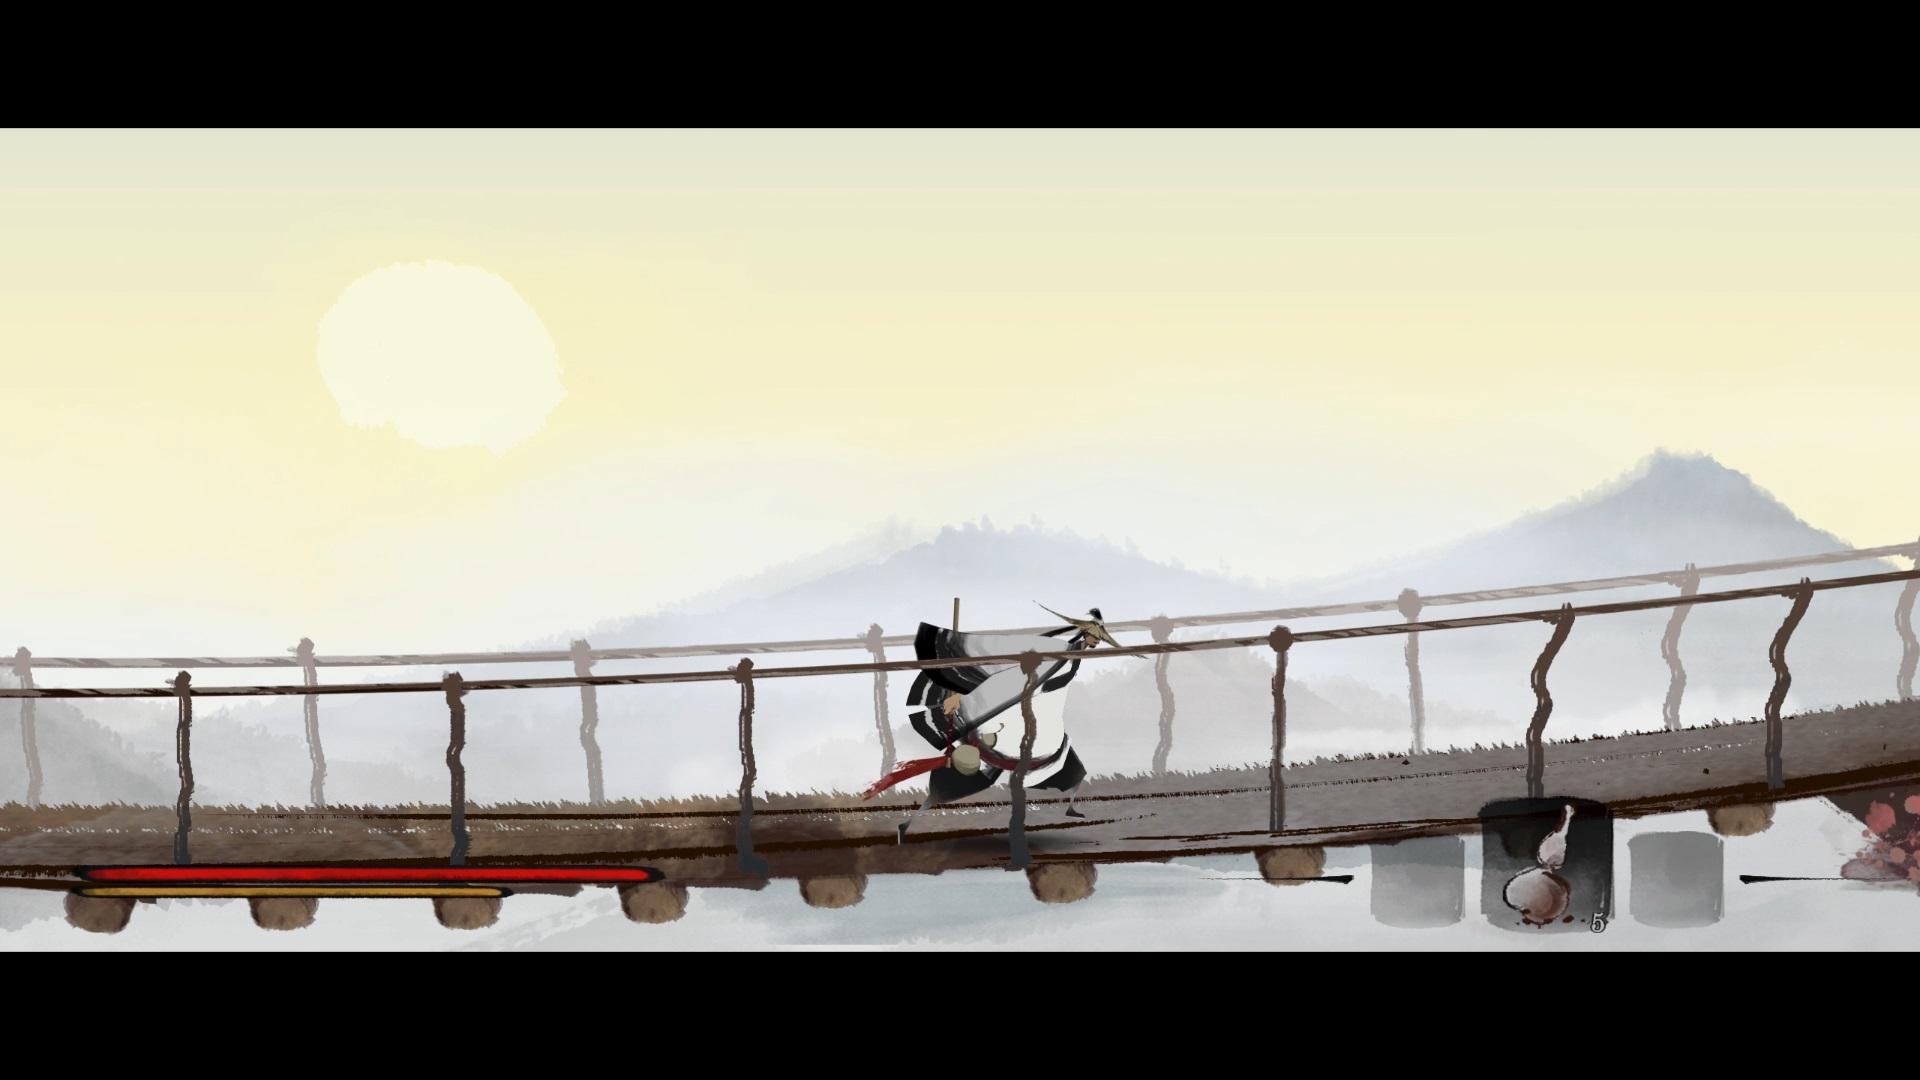 风起江南荡敌寇 刀剑动作游戏《听风者也》现已发售